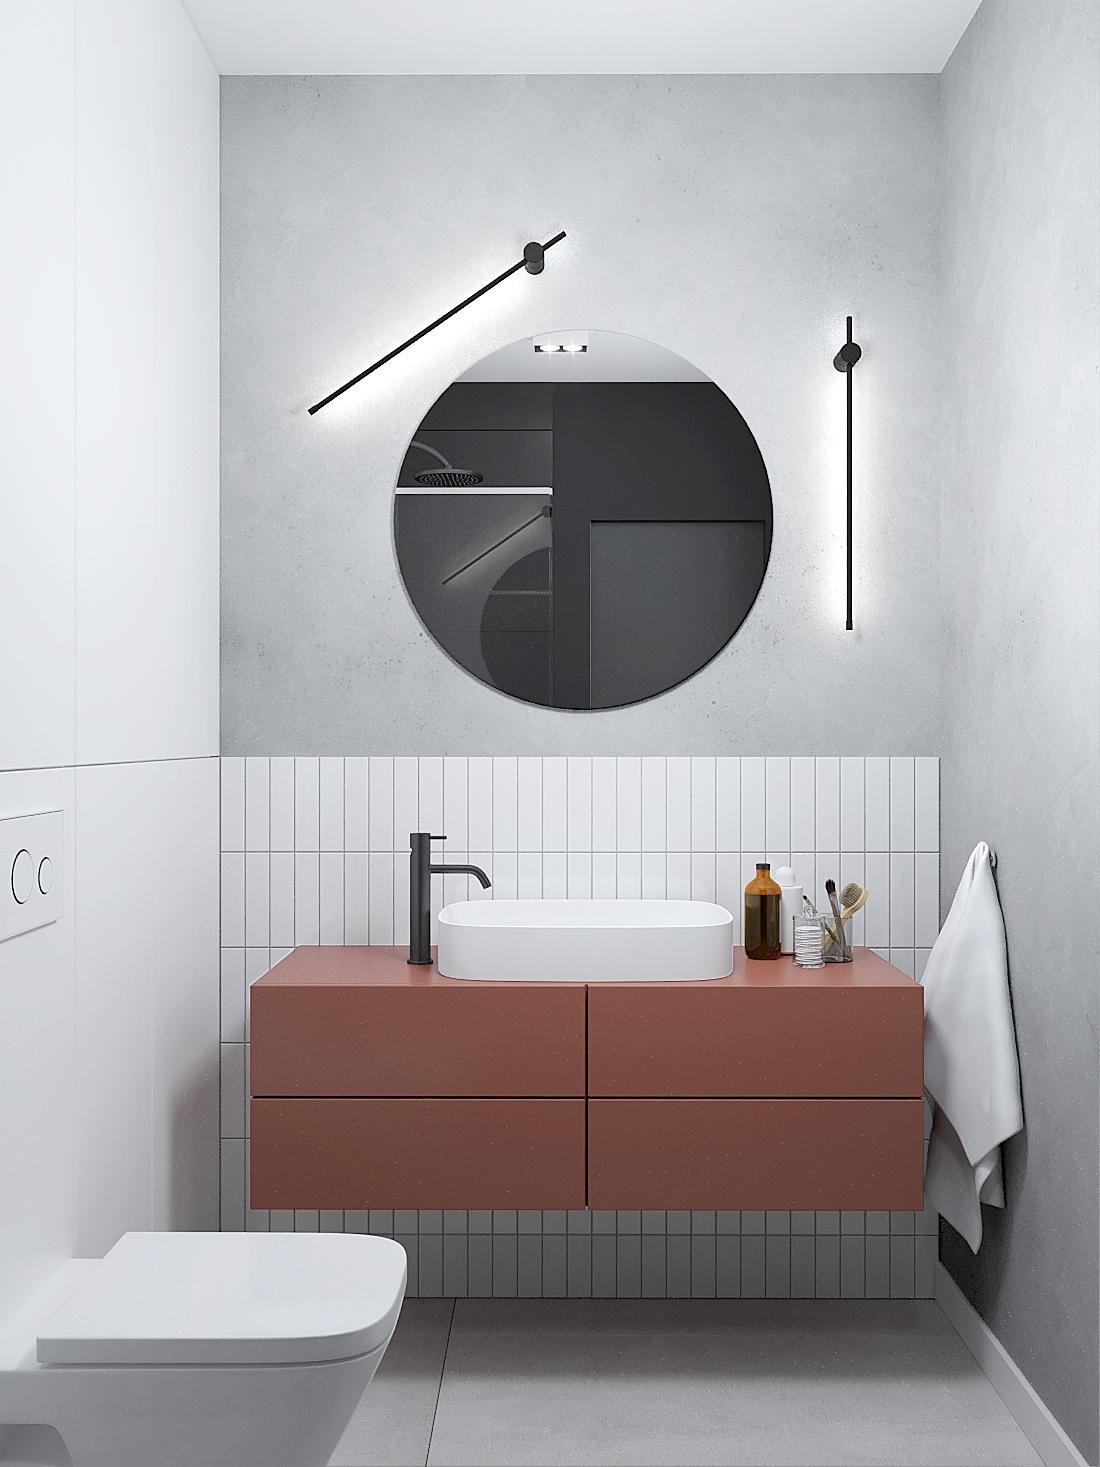 16 aranzacja wnetrz M387 mieszkanie Katowice lazienka bordowa szafka umywalkowa okragle lustro plytki cegielki biale czarna bateria